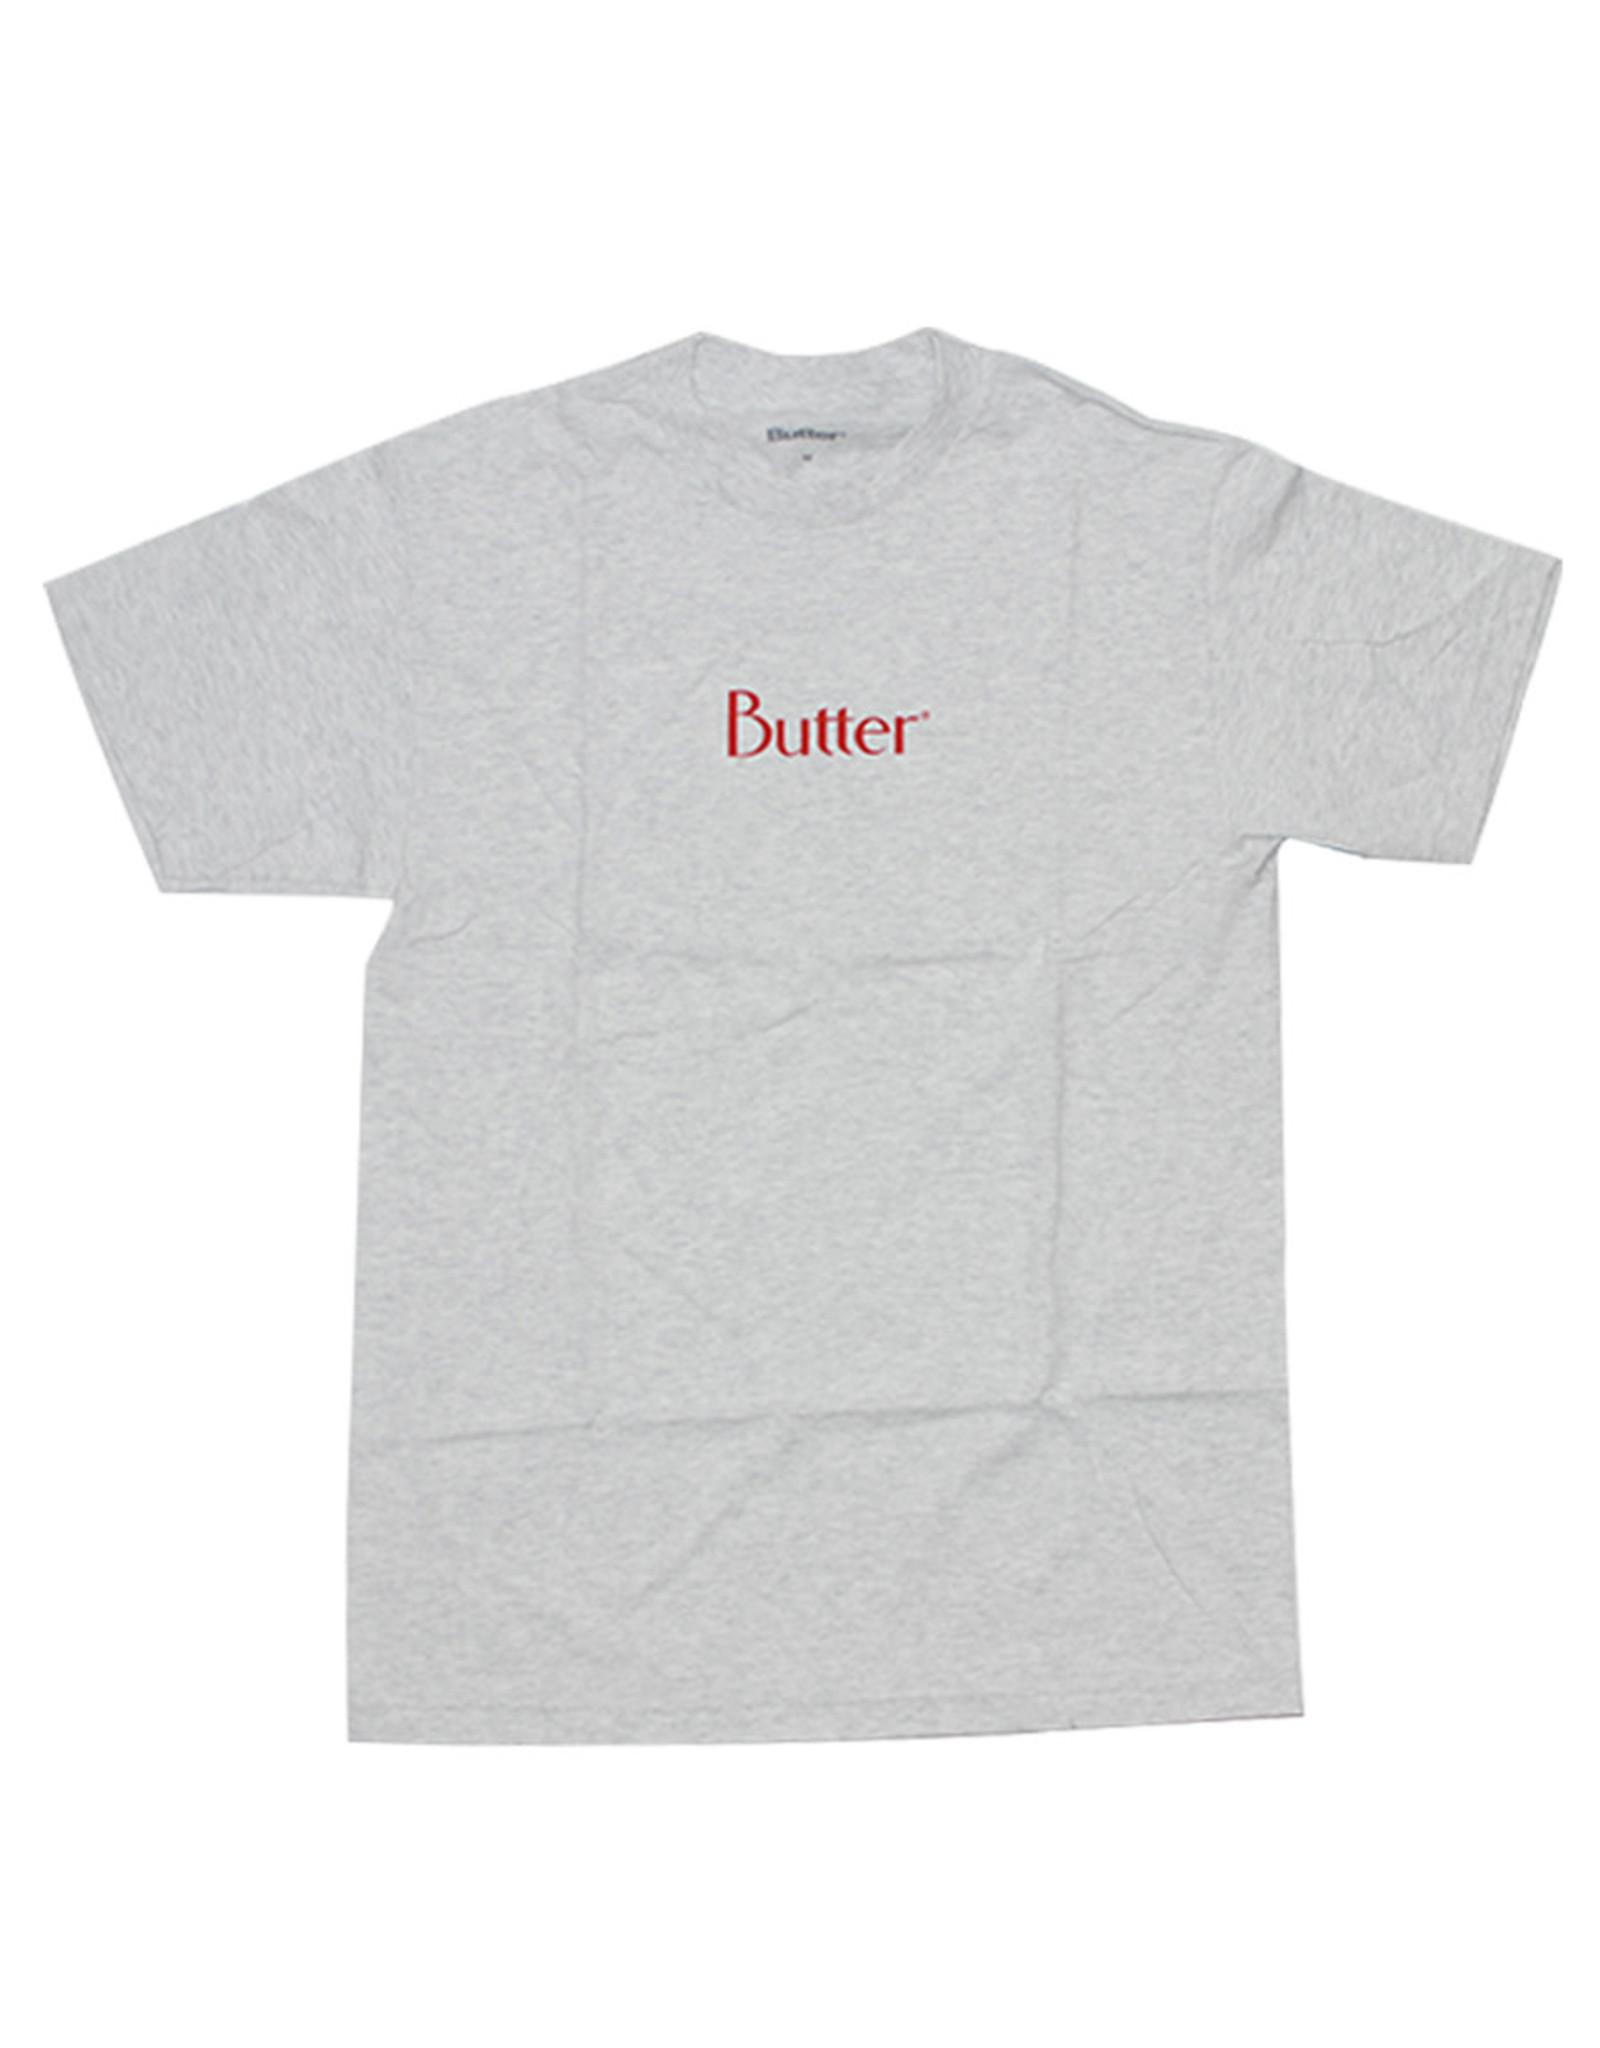 Butter Goods Butter Goods Tee Classic Logo S/S (Ash Grey)